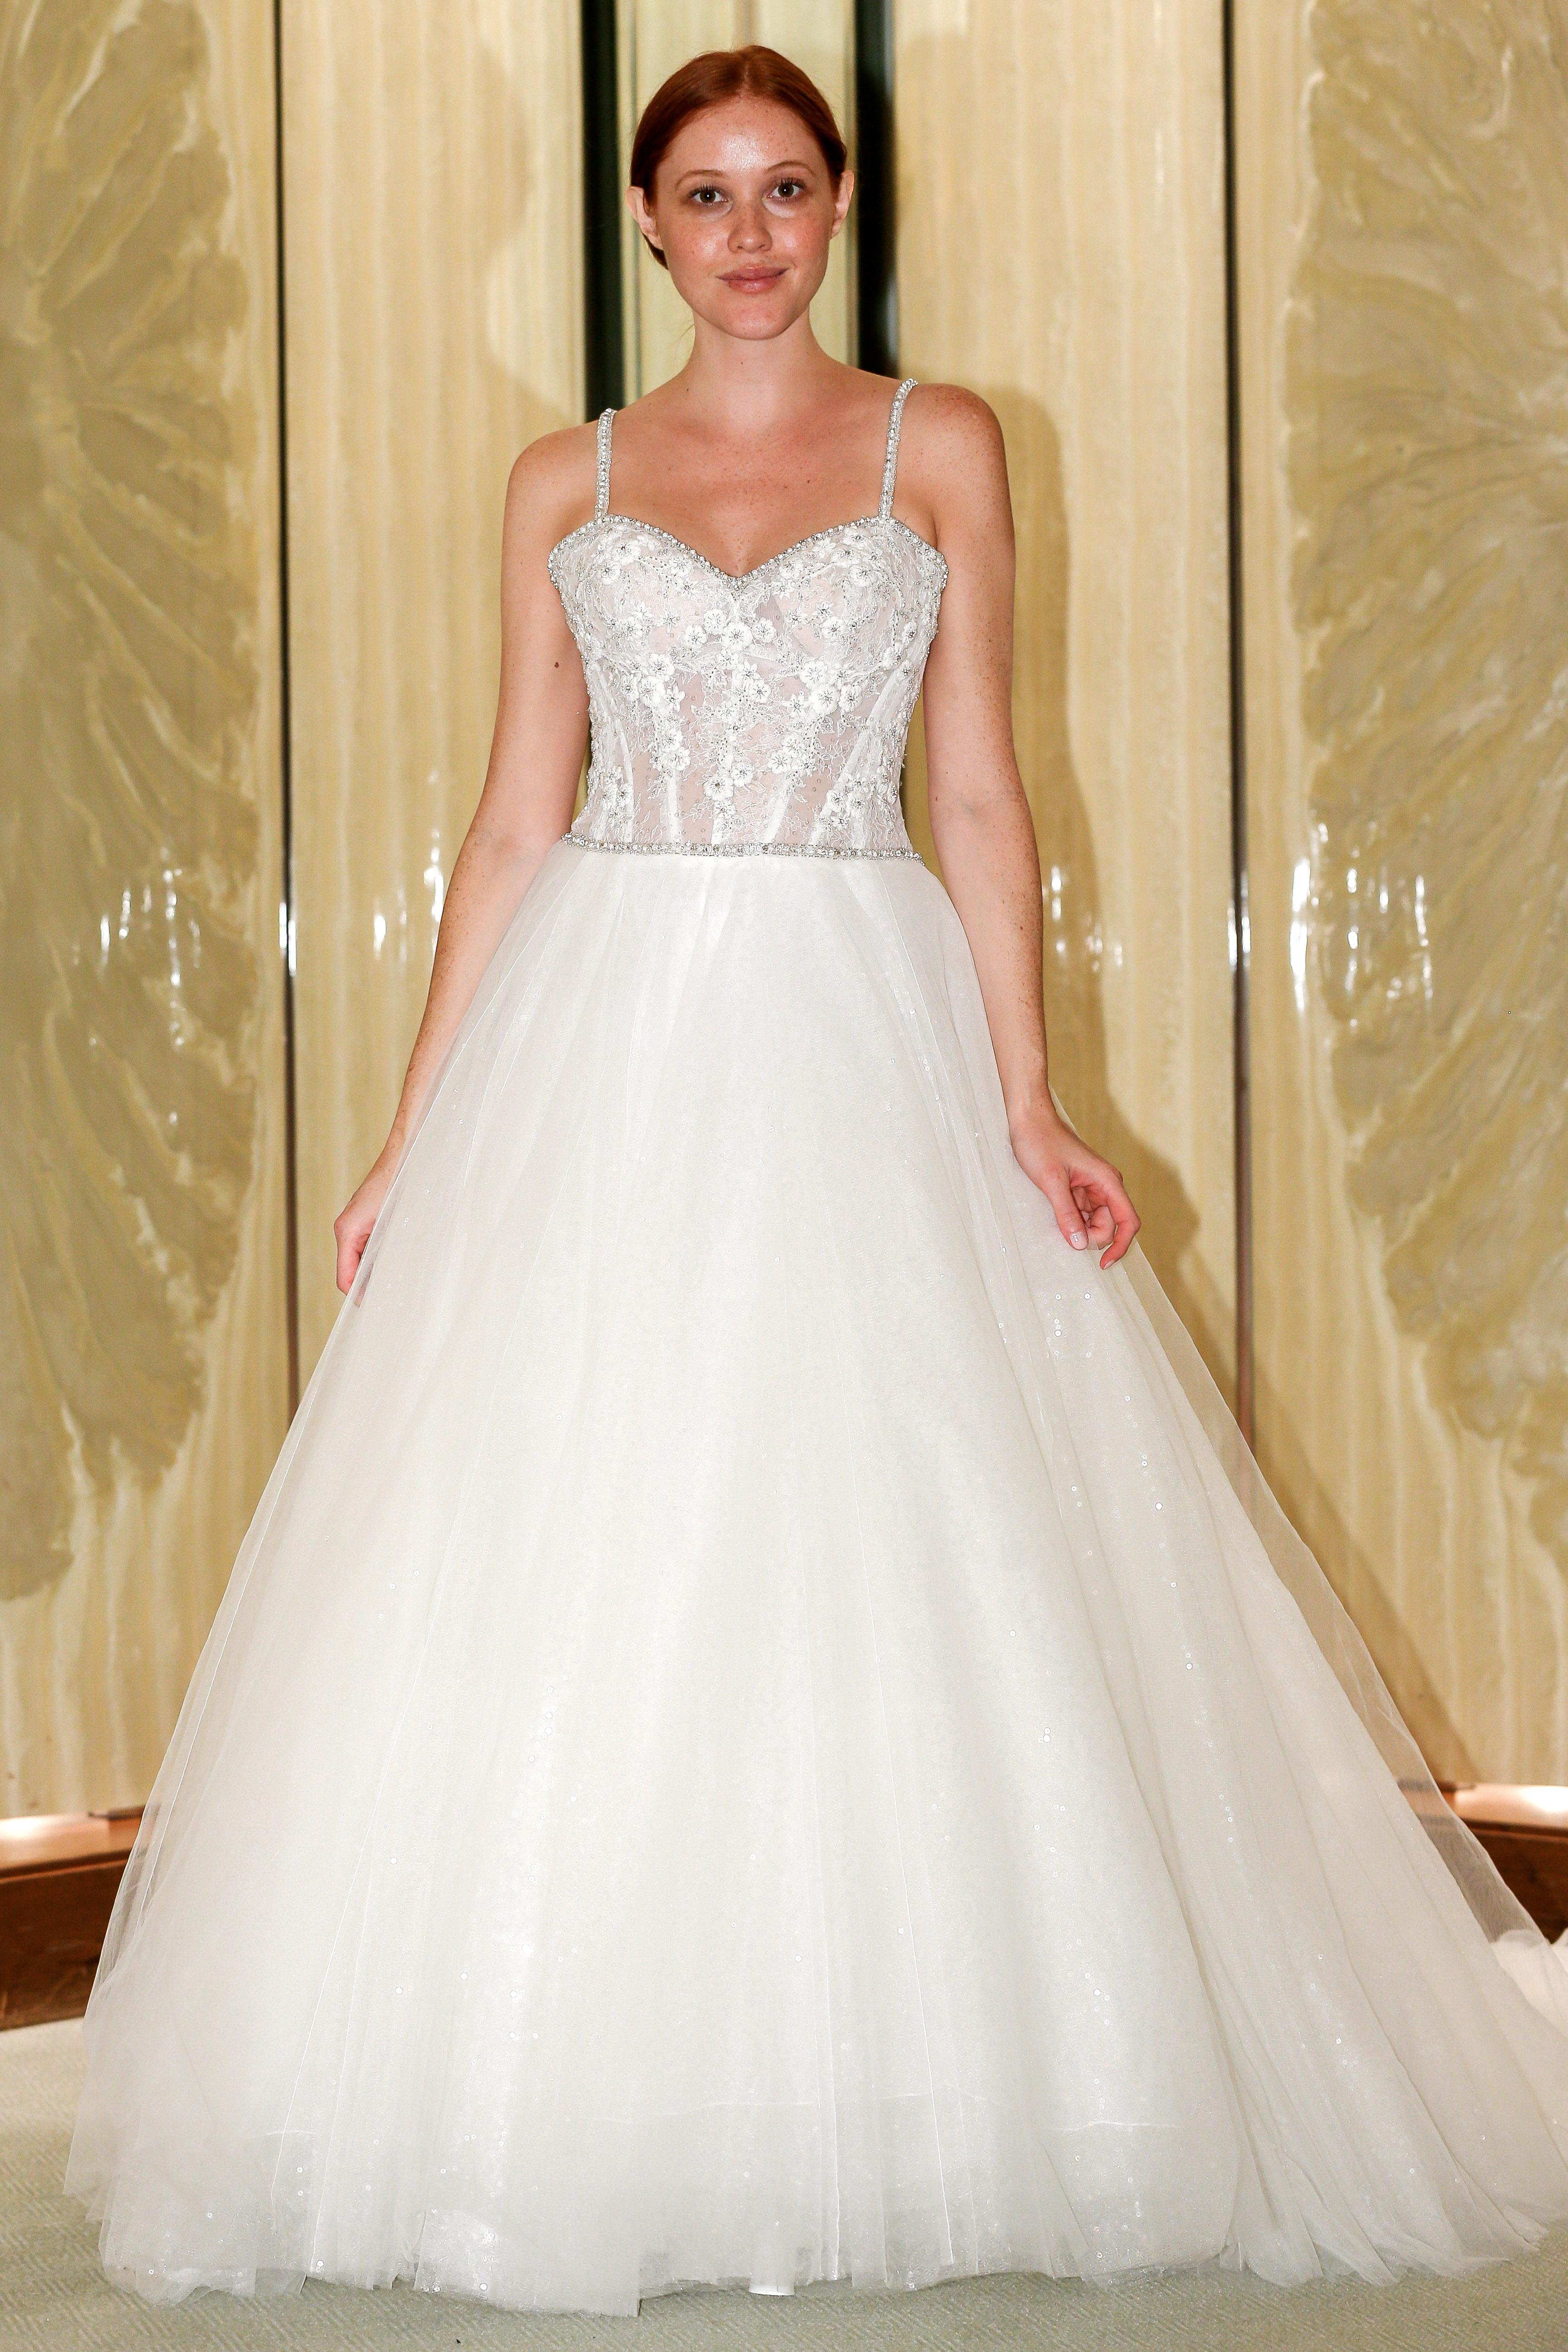 randy fenoli wedding dress spaghetti strap embellished bodice ball gown